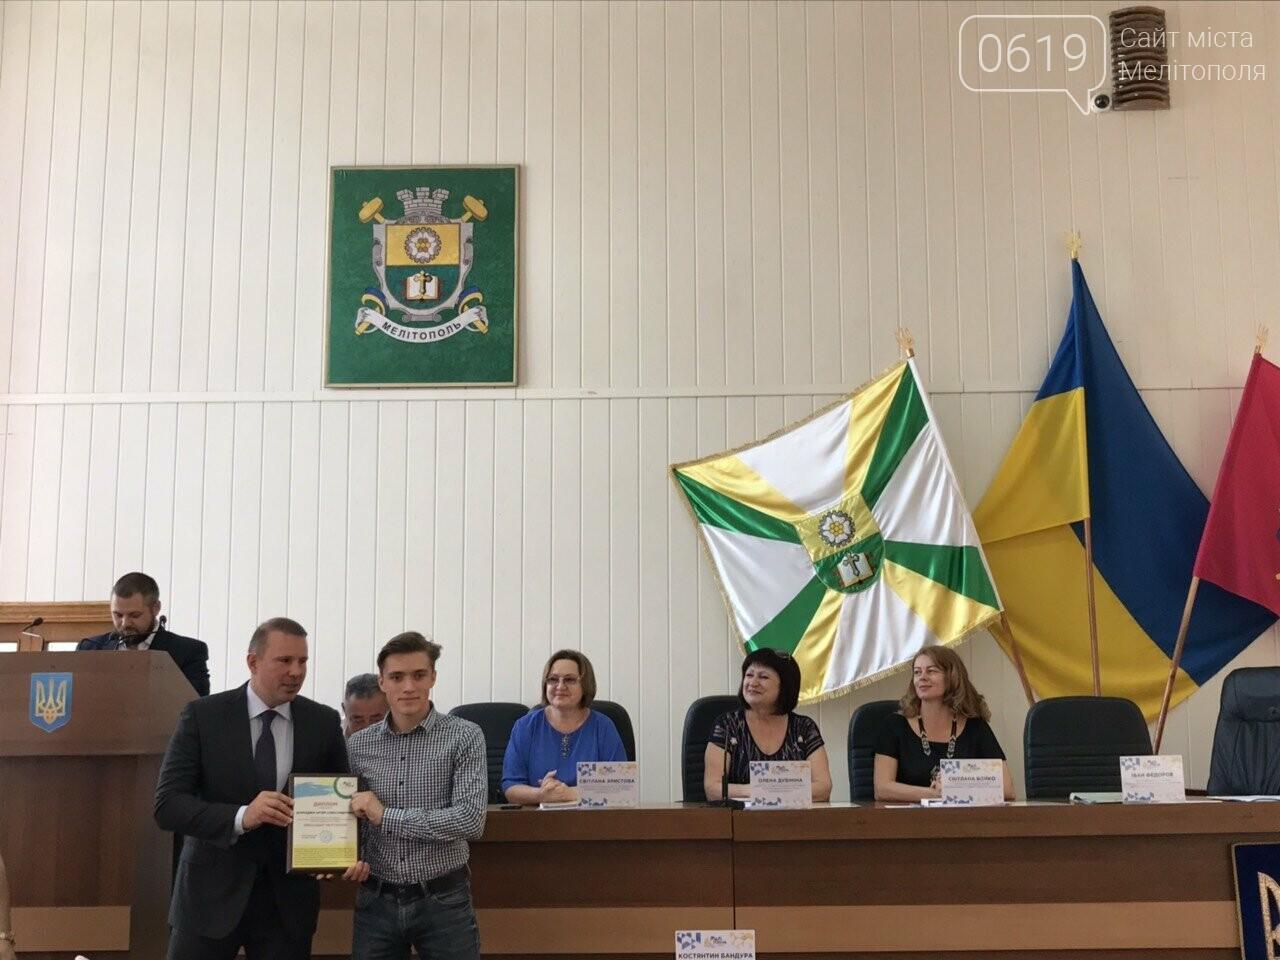 Мелитопольским спортсменам присвоили звание амбассадоров, фото-2